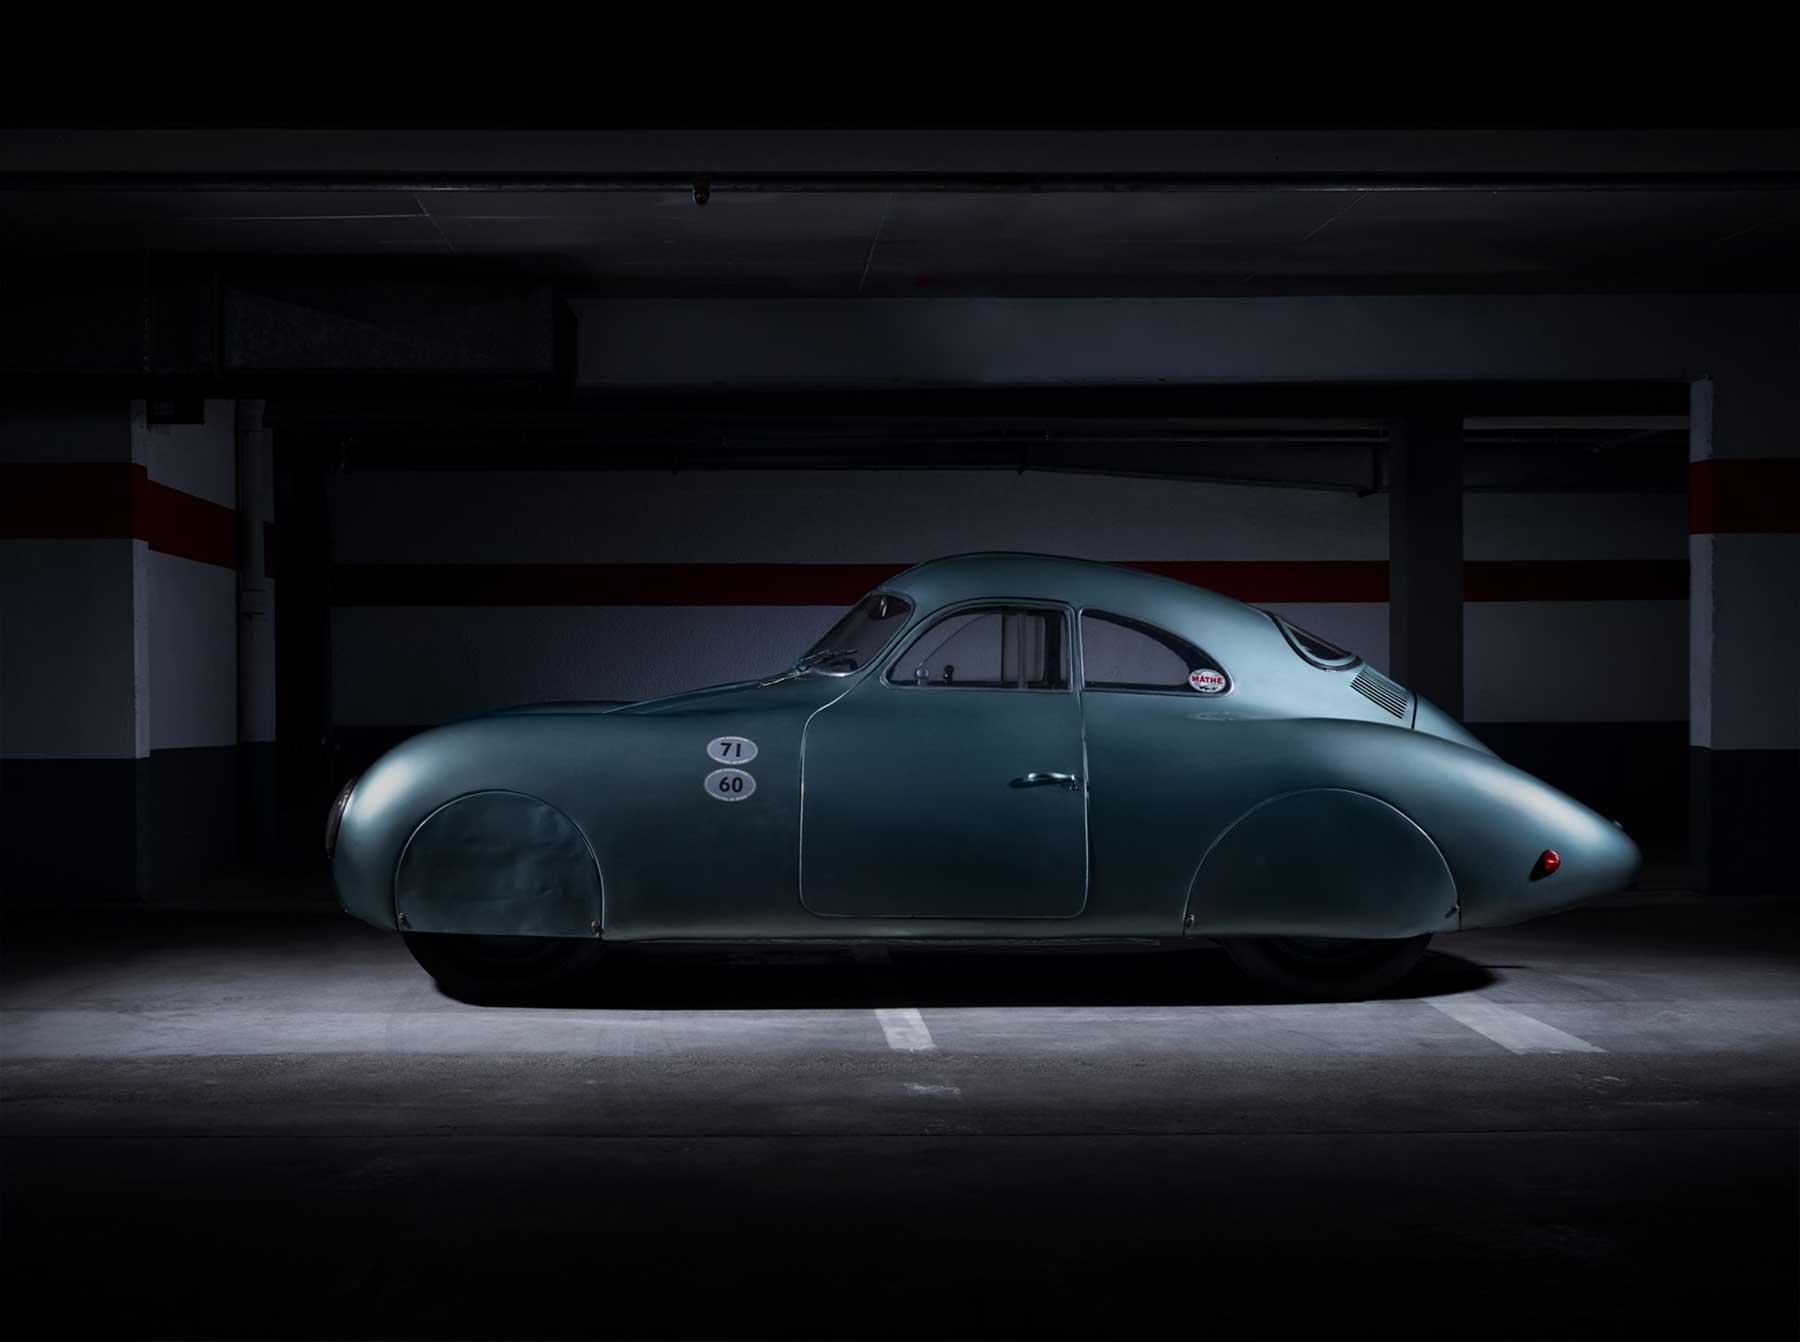 Der älteste und teuerste Porsche der Welt 1939-Porsche-Type-64-sothebys_05